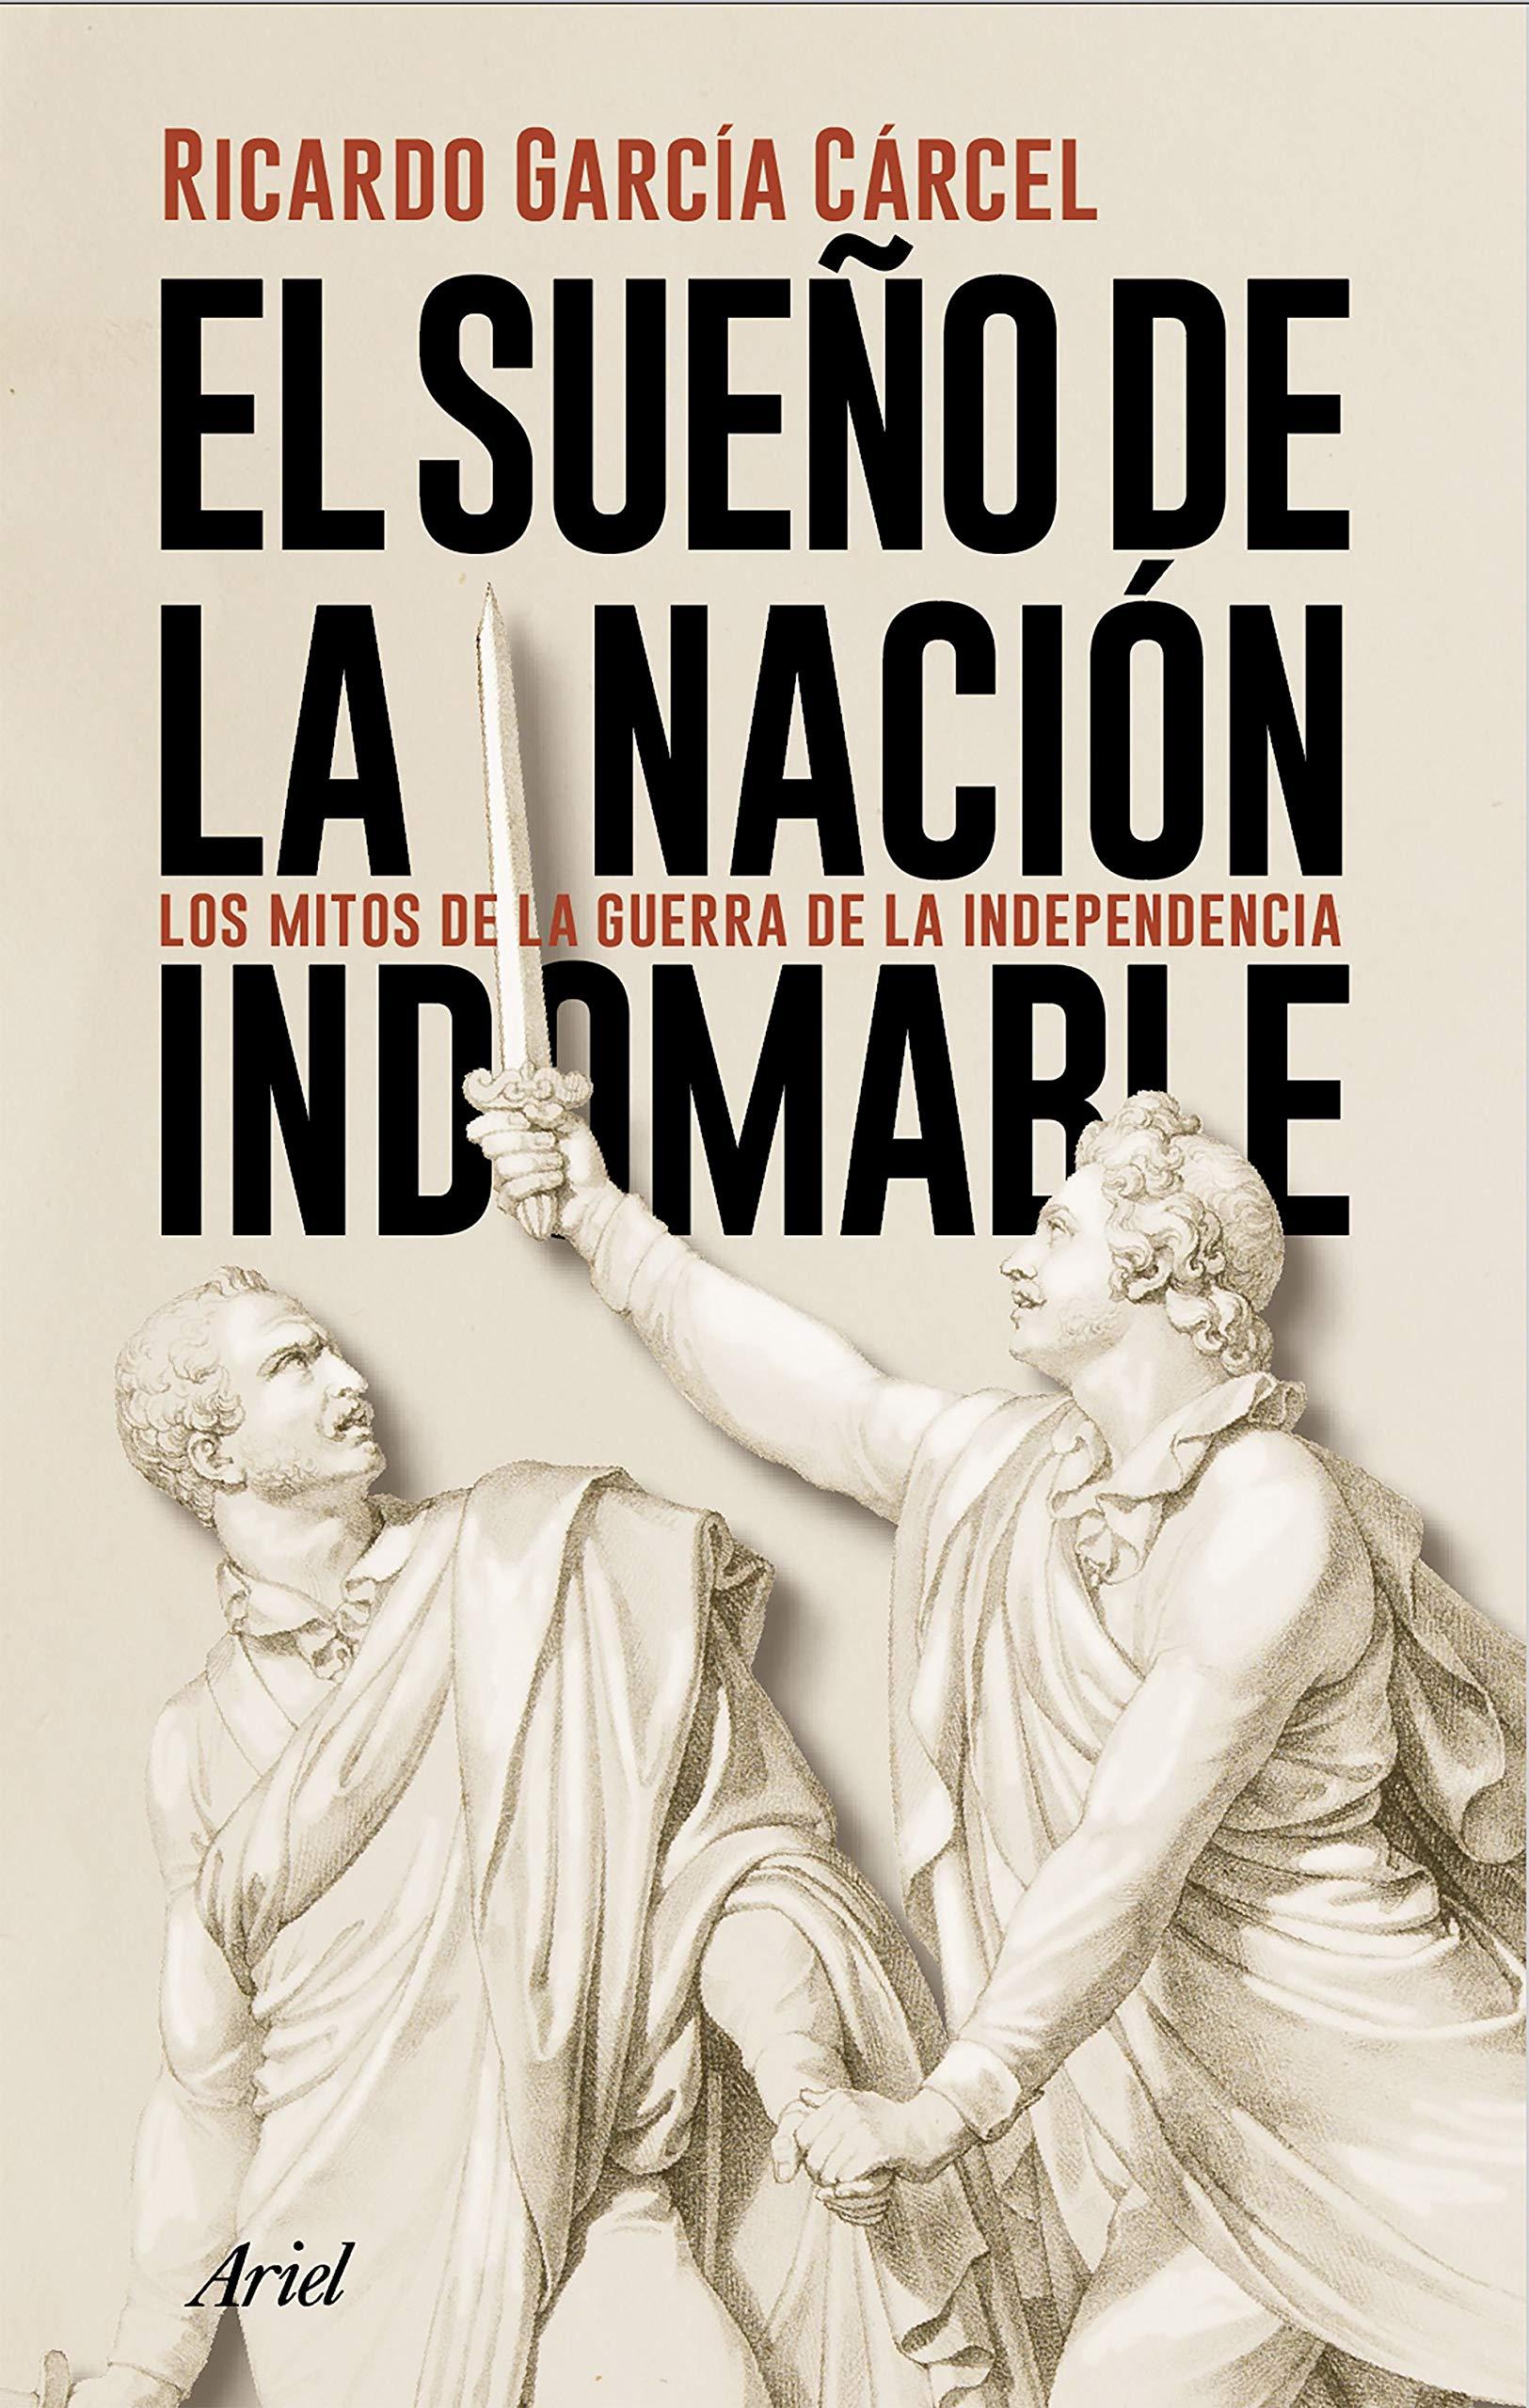 El sueño de la nación indomable: Los mitos de la guerra de la Independencia Ariel: Amazon.es: García Cárcel, Ricardo: Libros